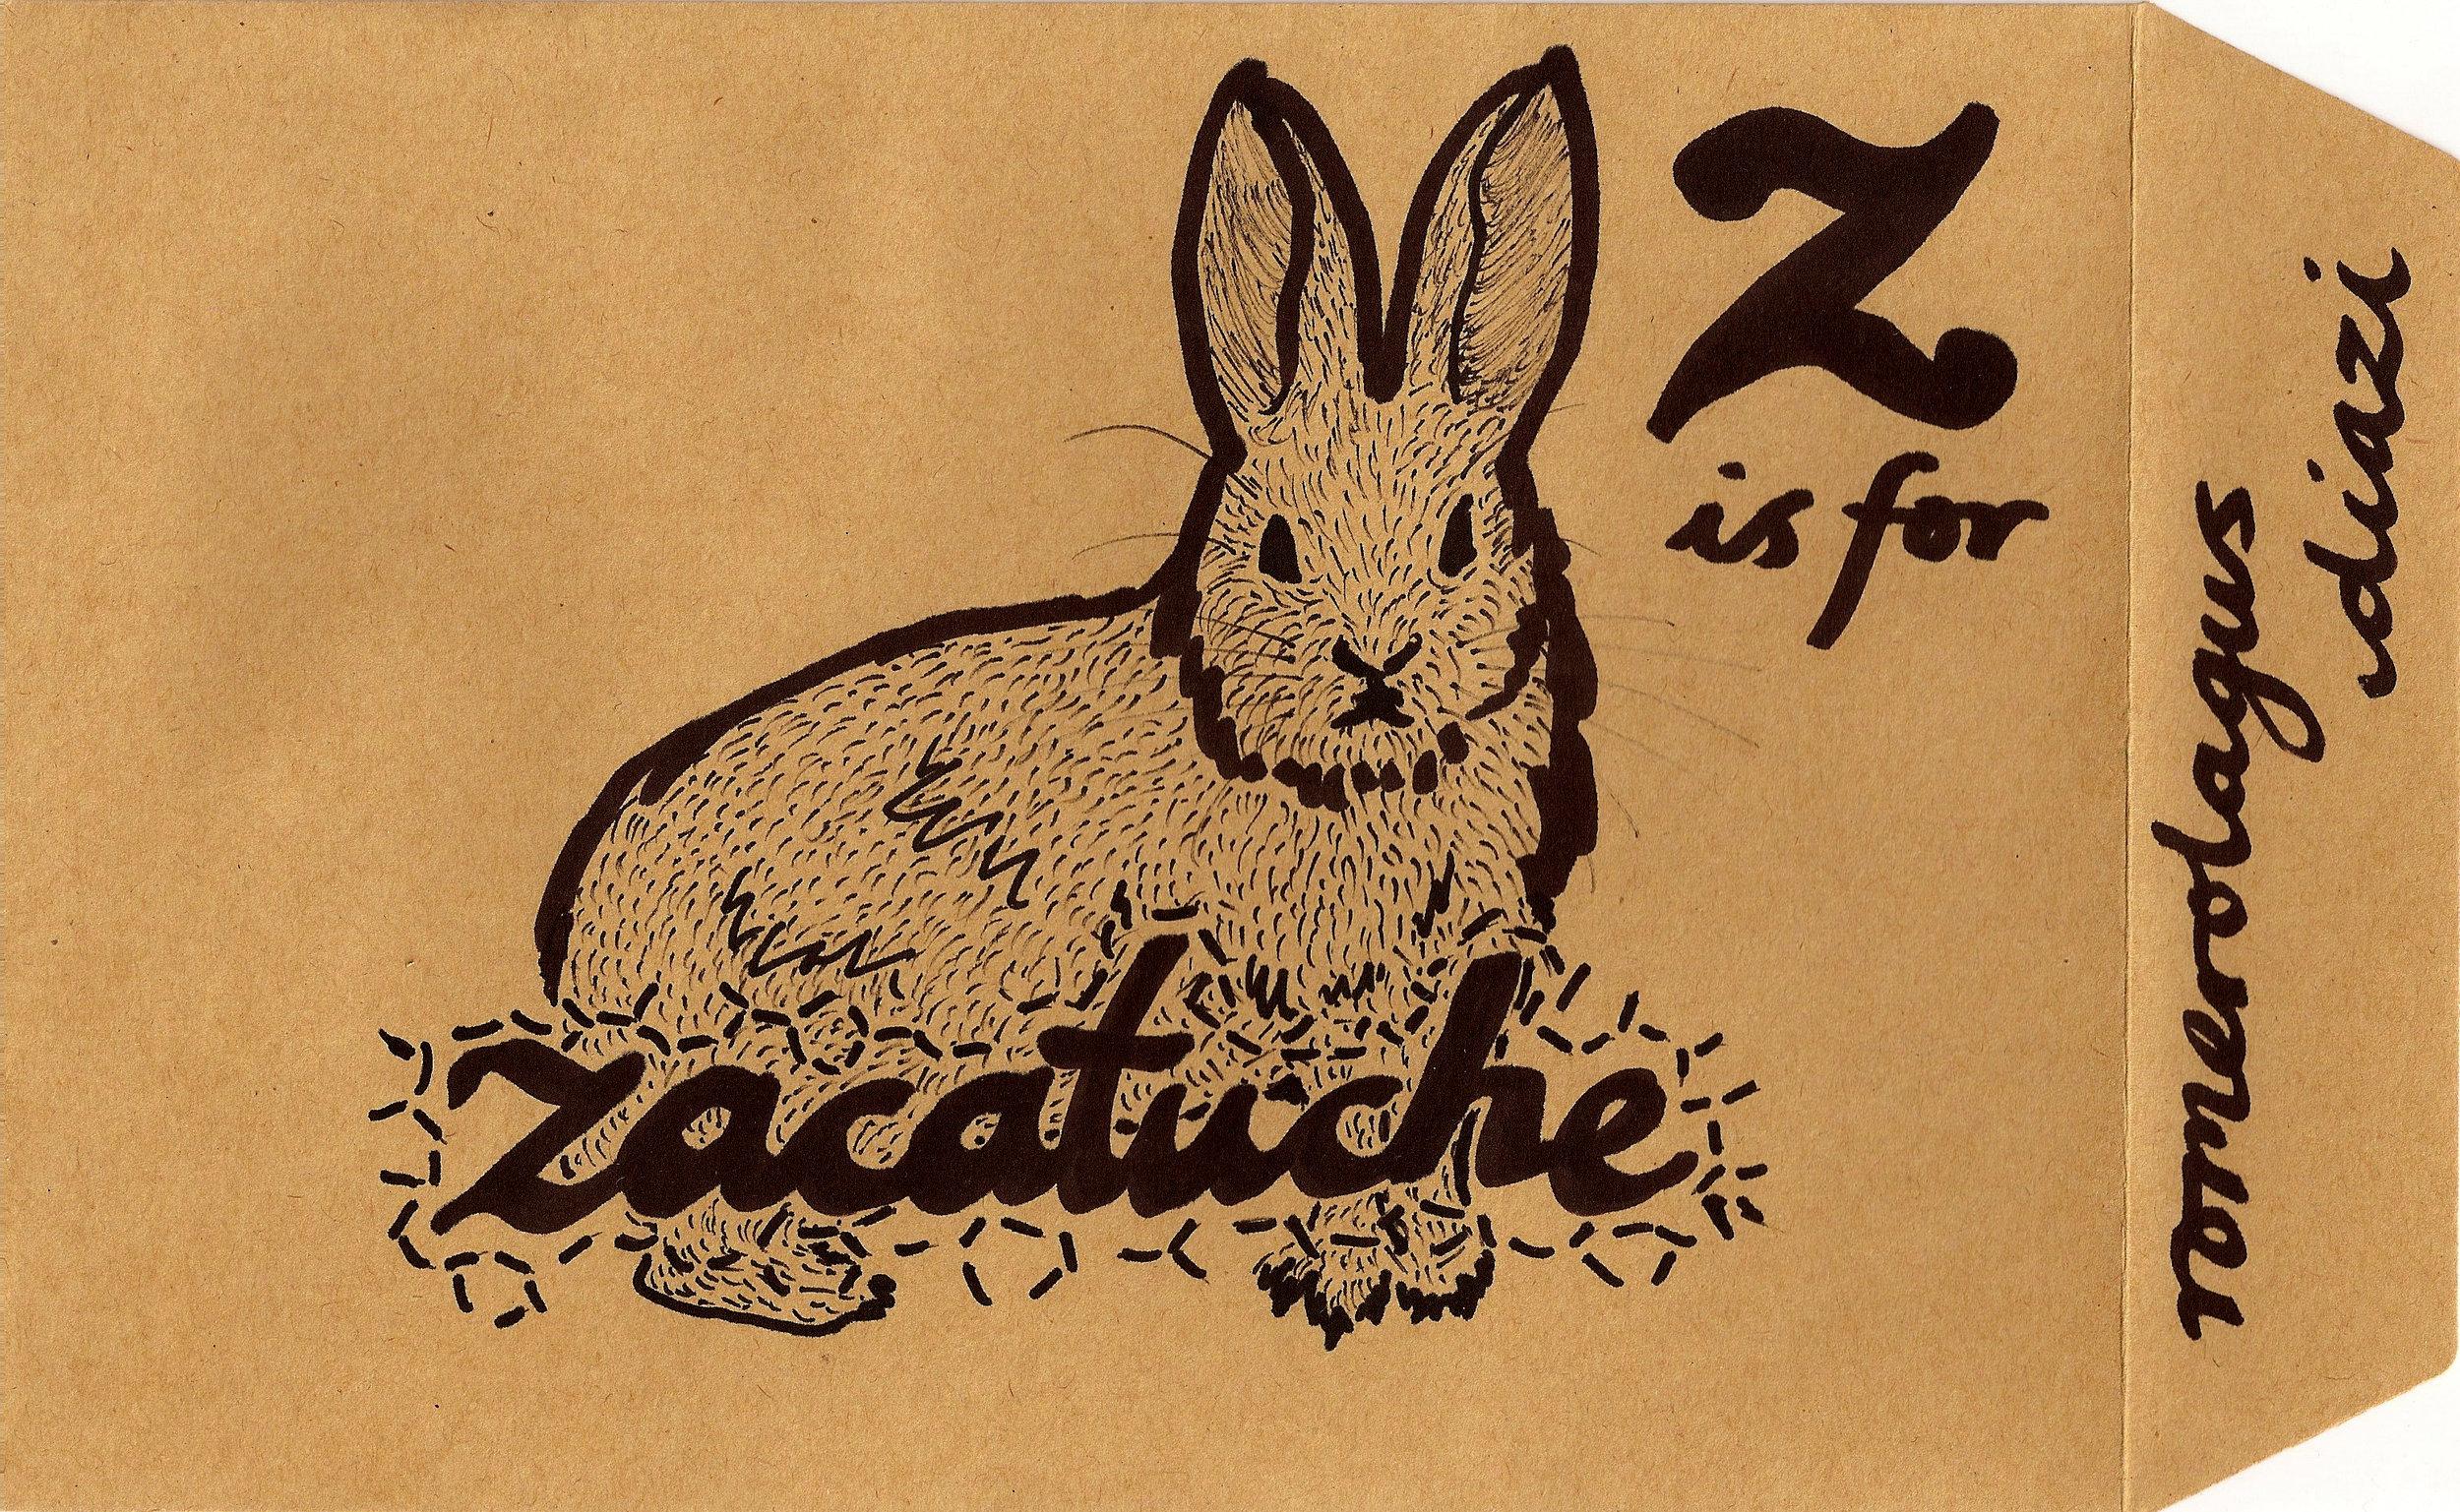 Zacatuche.jpg